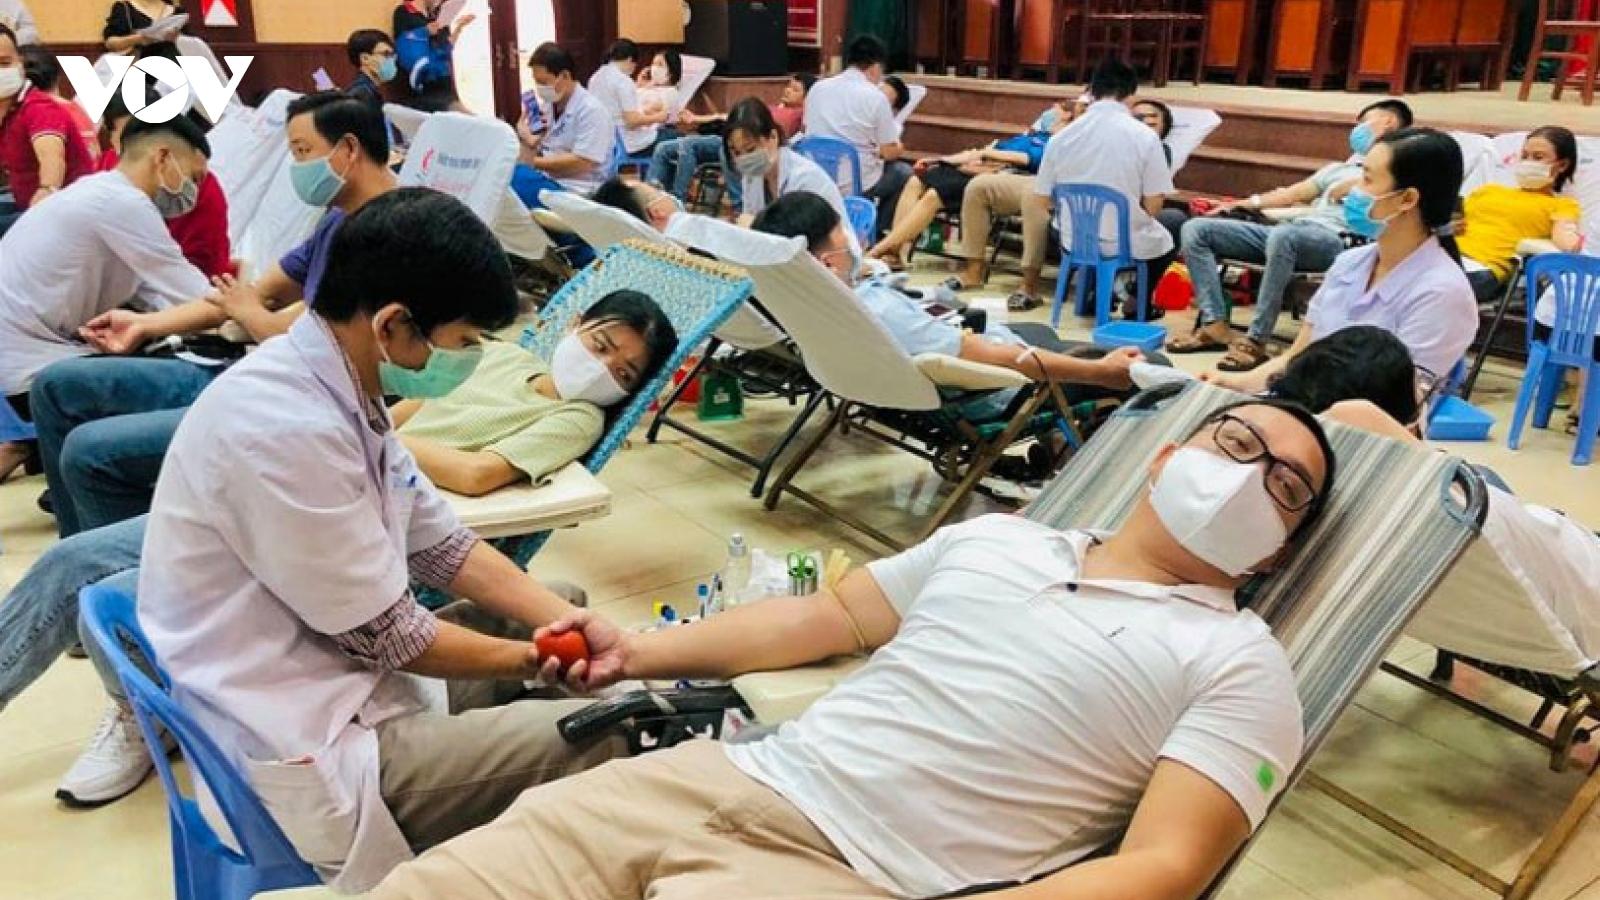 Gần 600 người dân Đà Nẵngtham gia hiến 500 đơn vị máu